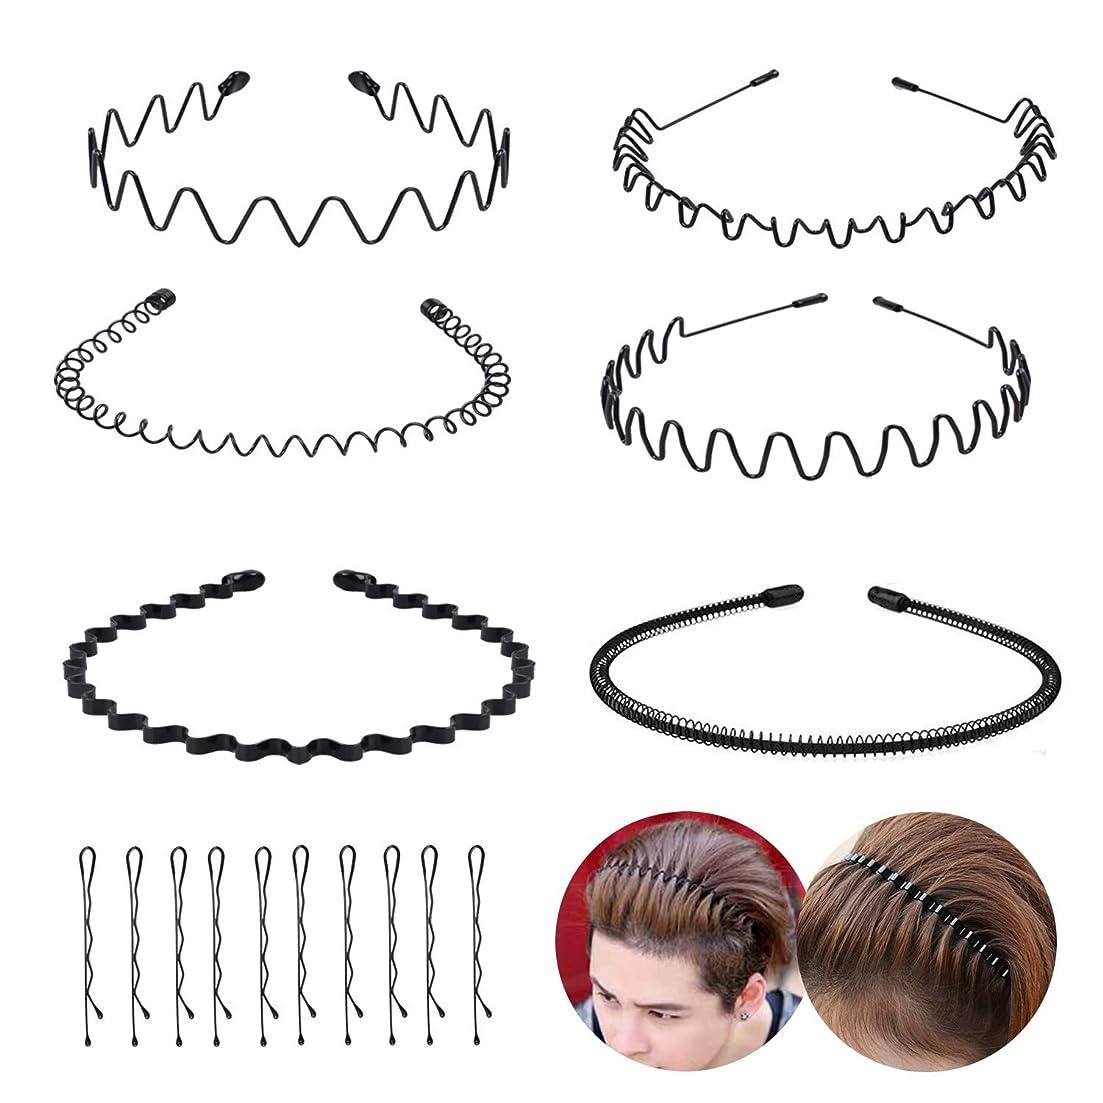 所持賞妊娠したLzpzz メタル髪のフープユニセックス波状ヘアバンドメタルヘアバンド - メンズ女性のための10個の金属ボビーピン非スリップが広い帽子と黒の春のスポーツヘッドバンド